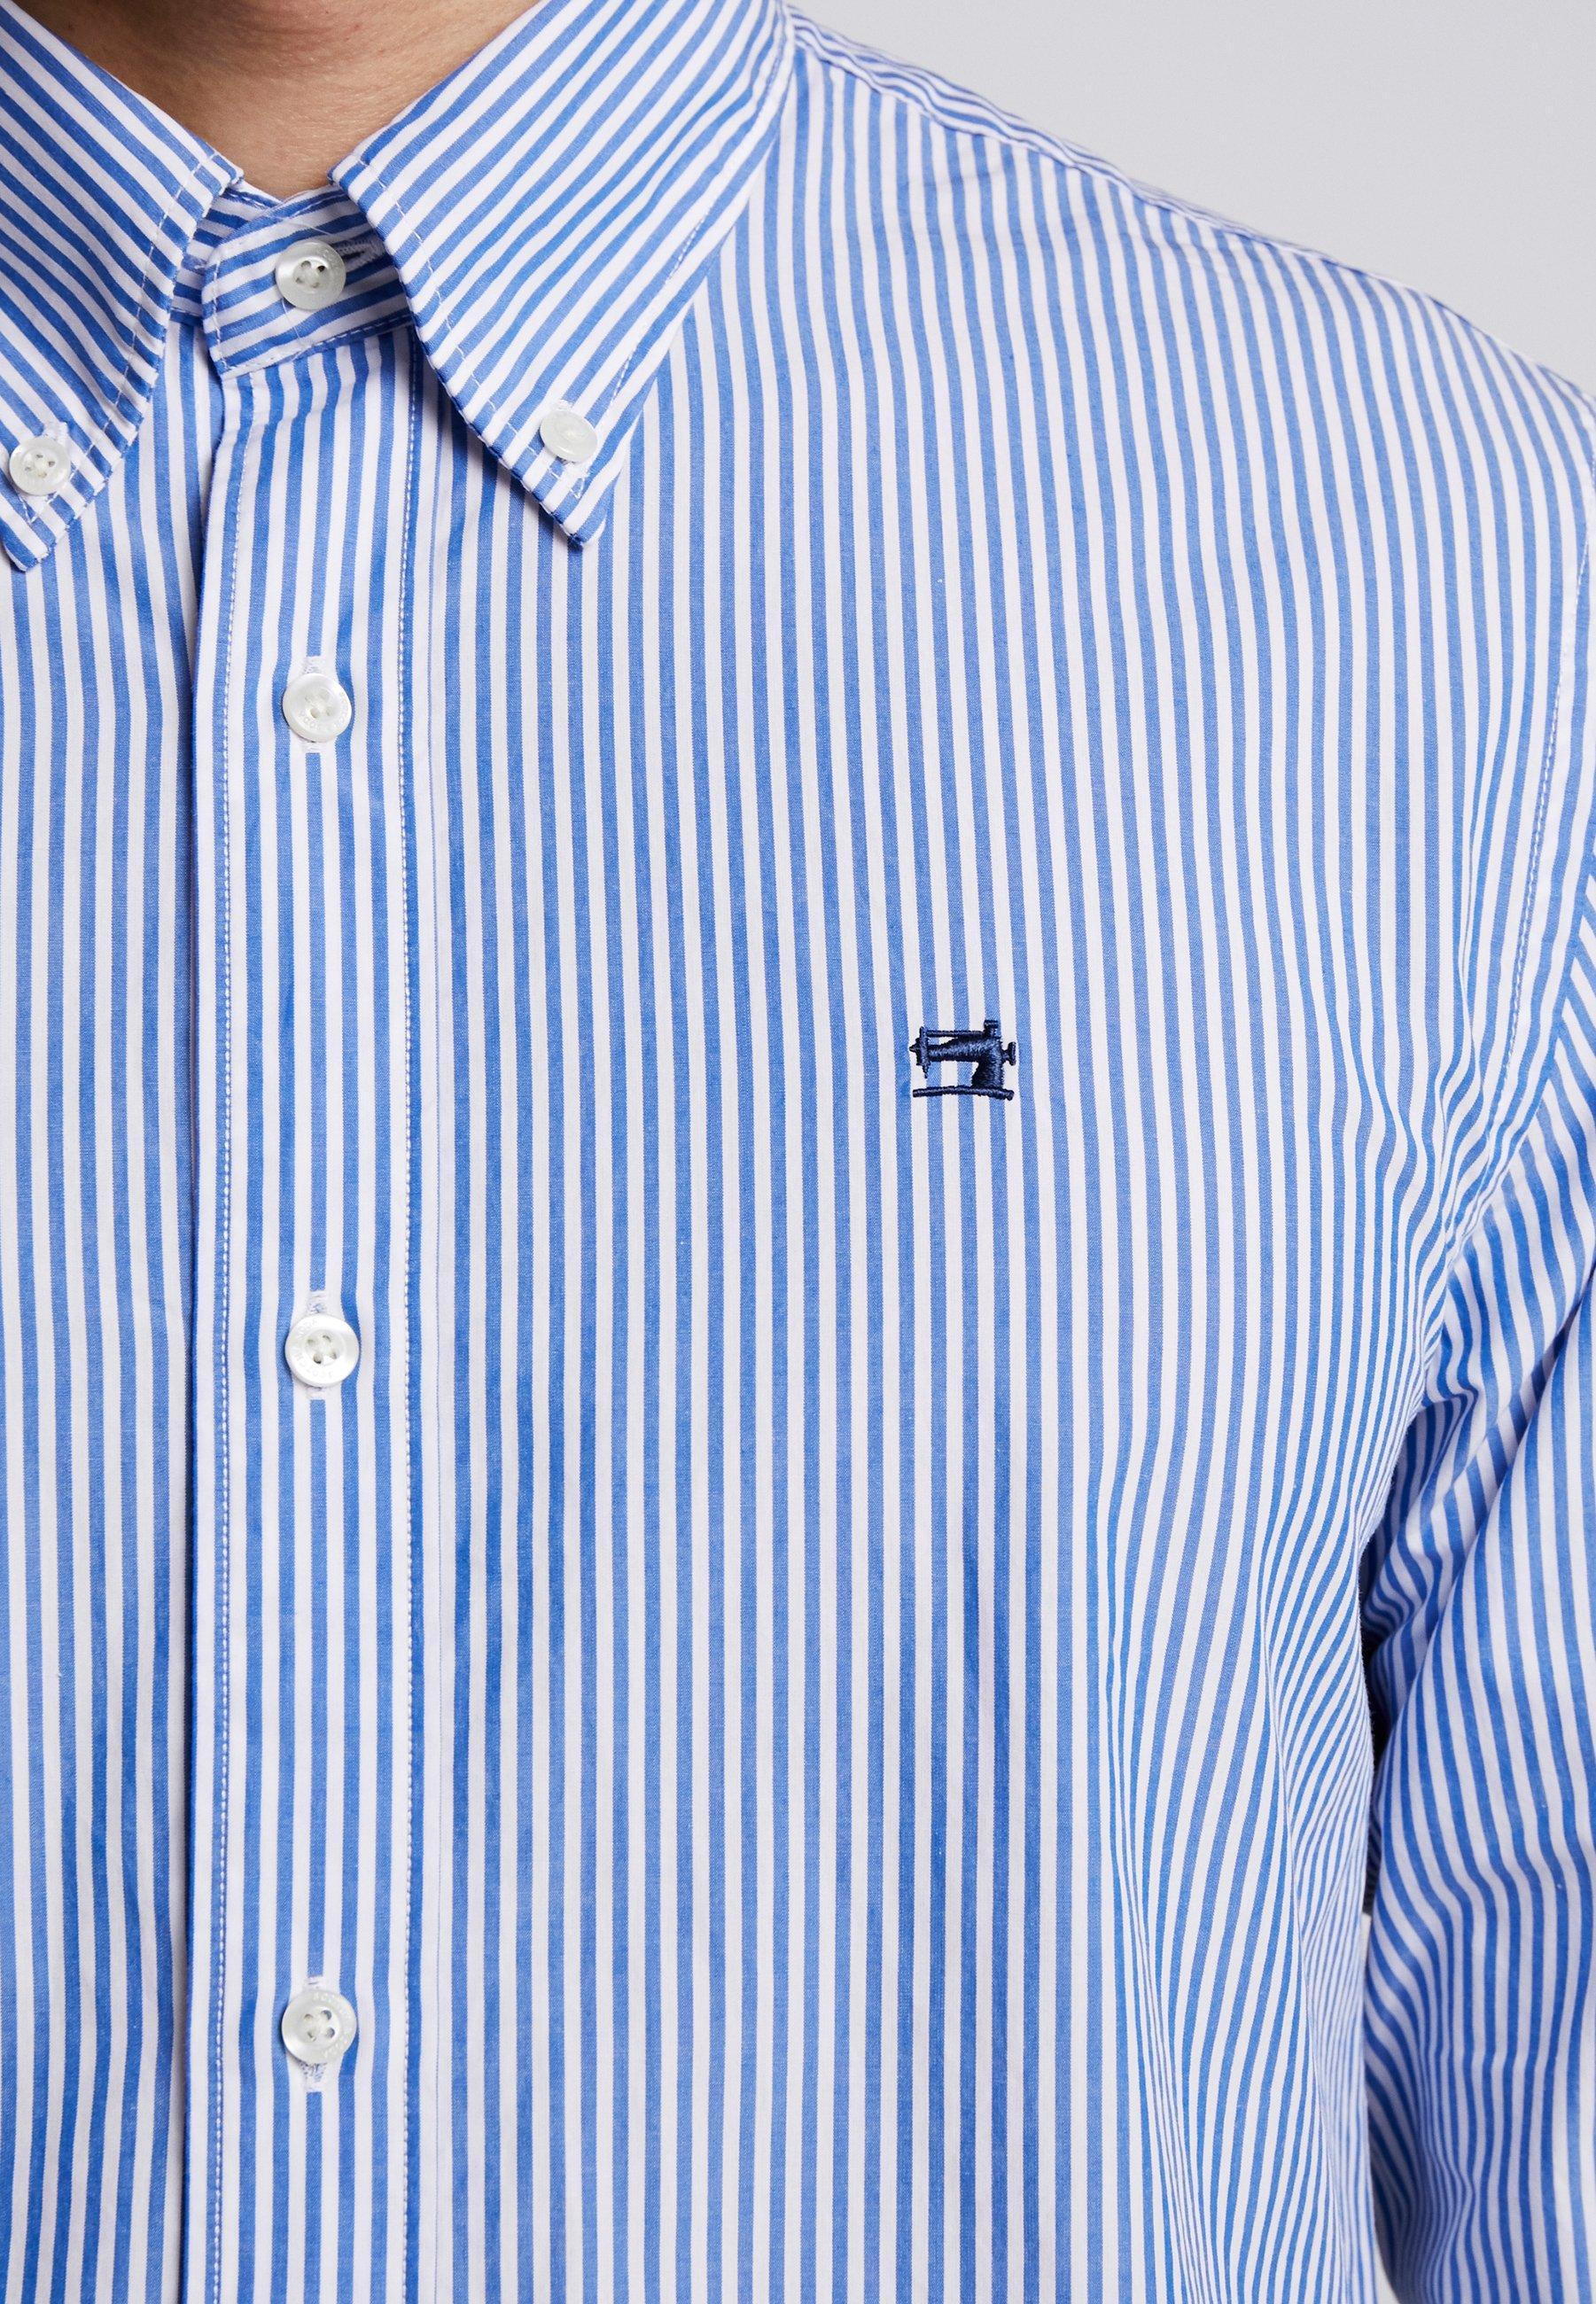 Uomo CRISPY REGULAR FIT BUTTON DOWN COLLAR - Camicia